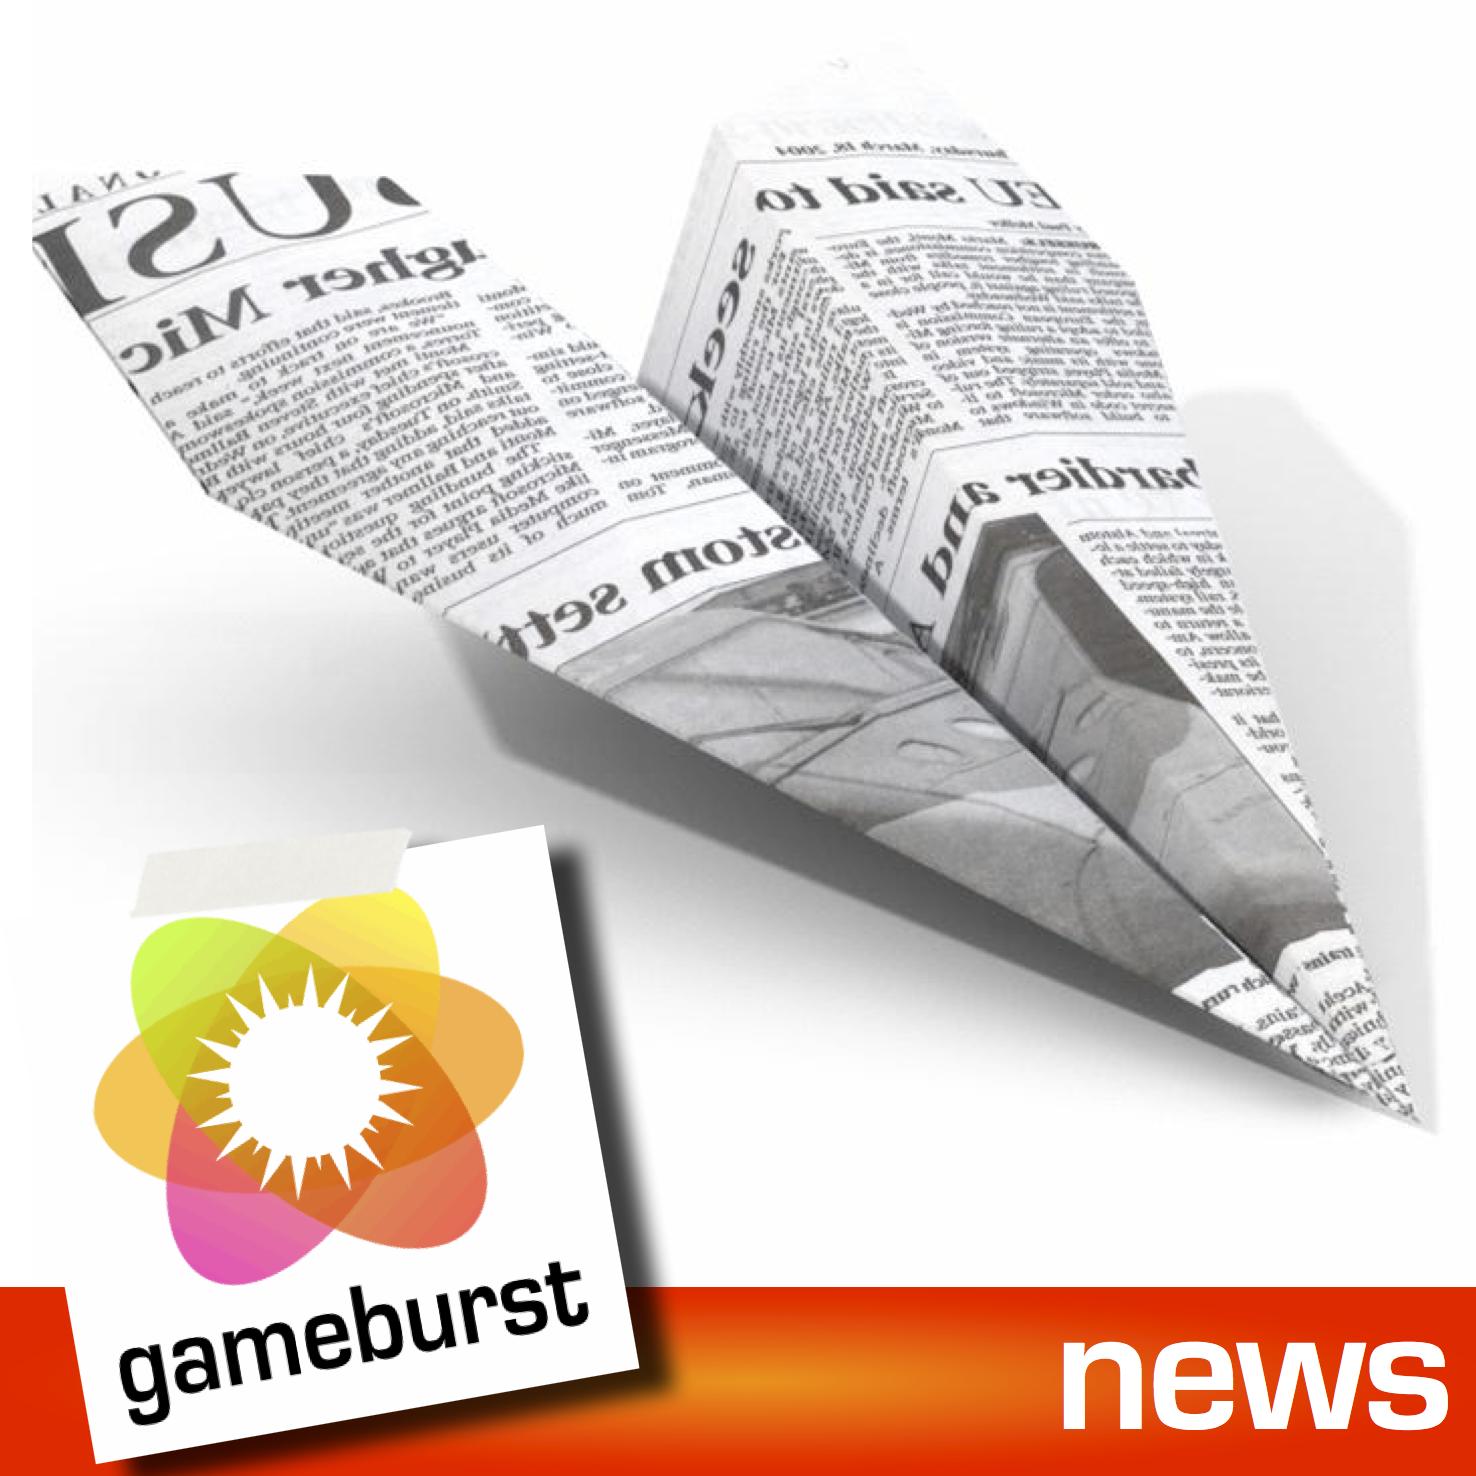 GameBurst News - November 4th 2012